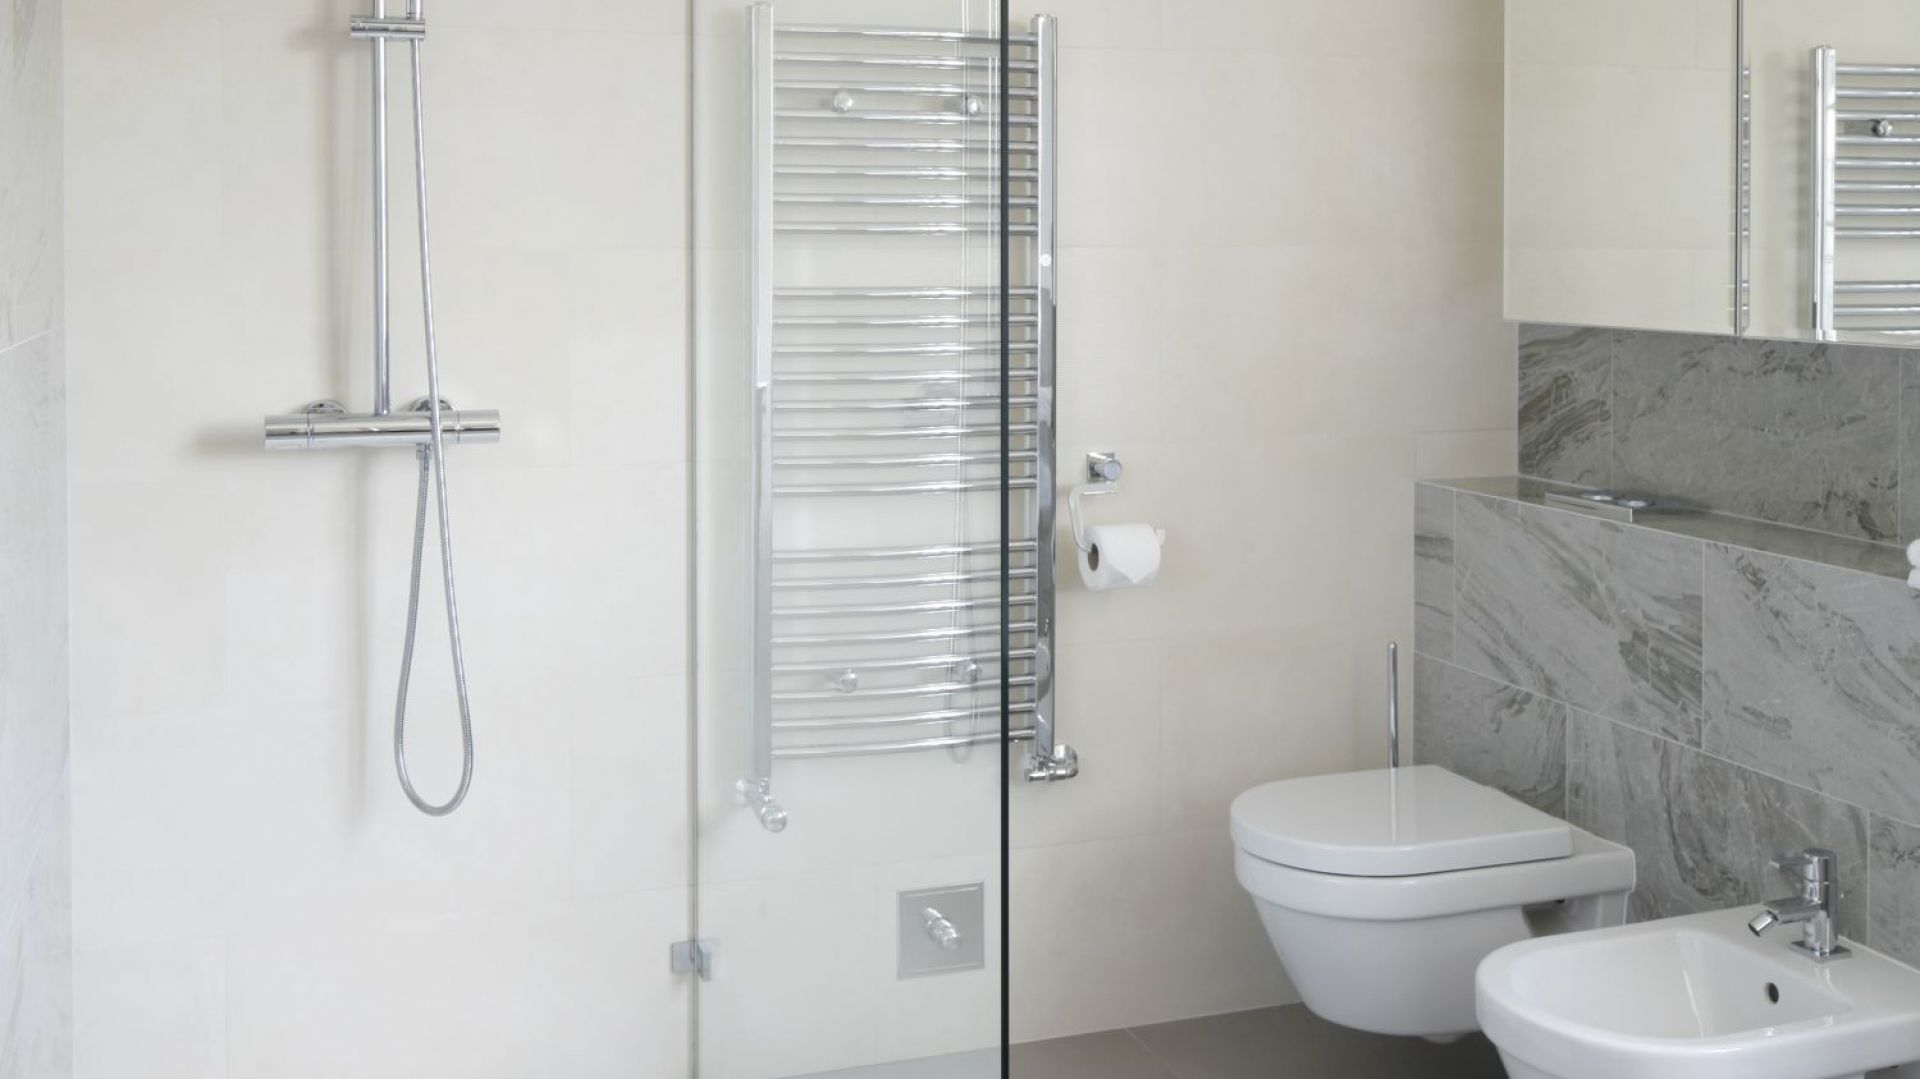 Strefa prysznica w narożniku. Proj. Ventana. Fot. Bartosz Jarosz